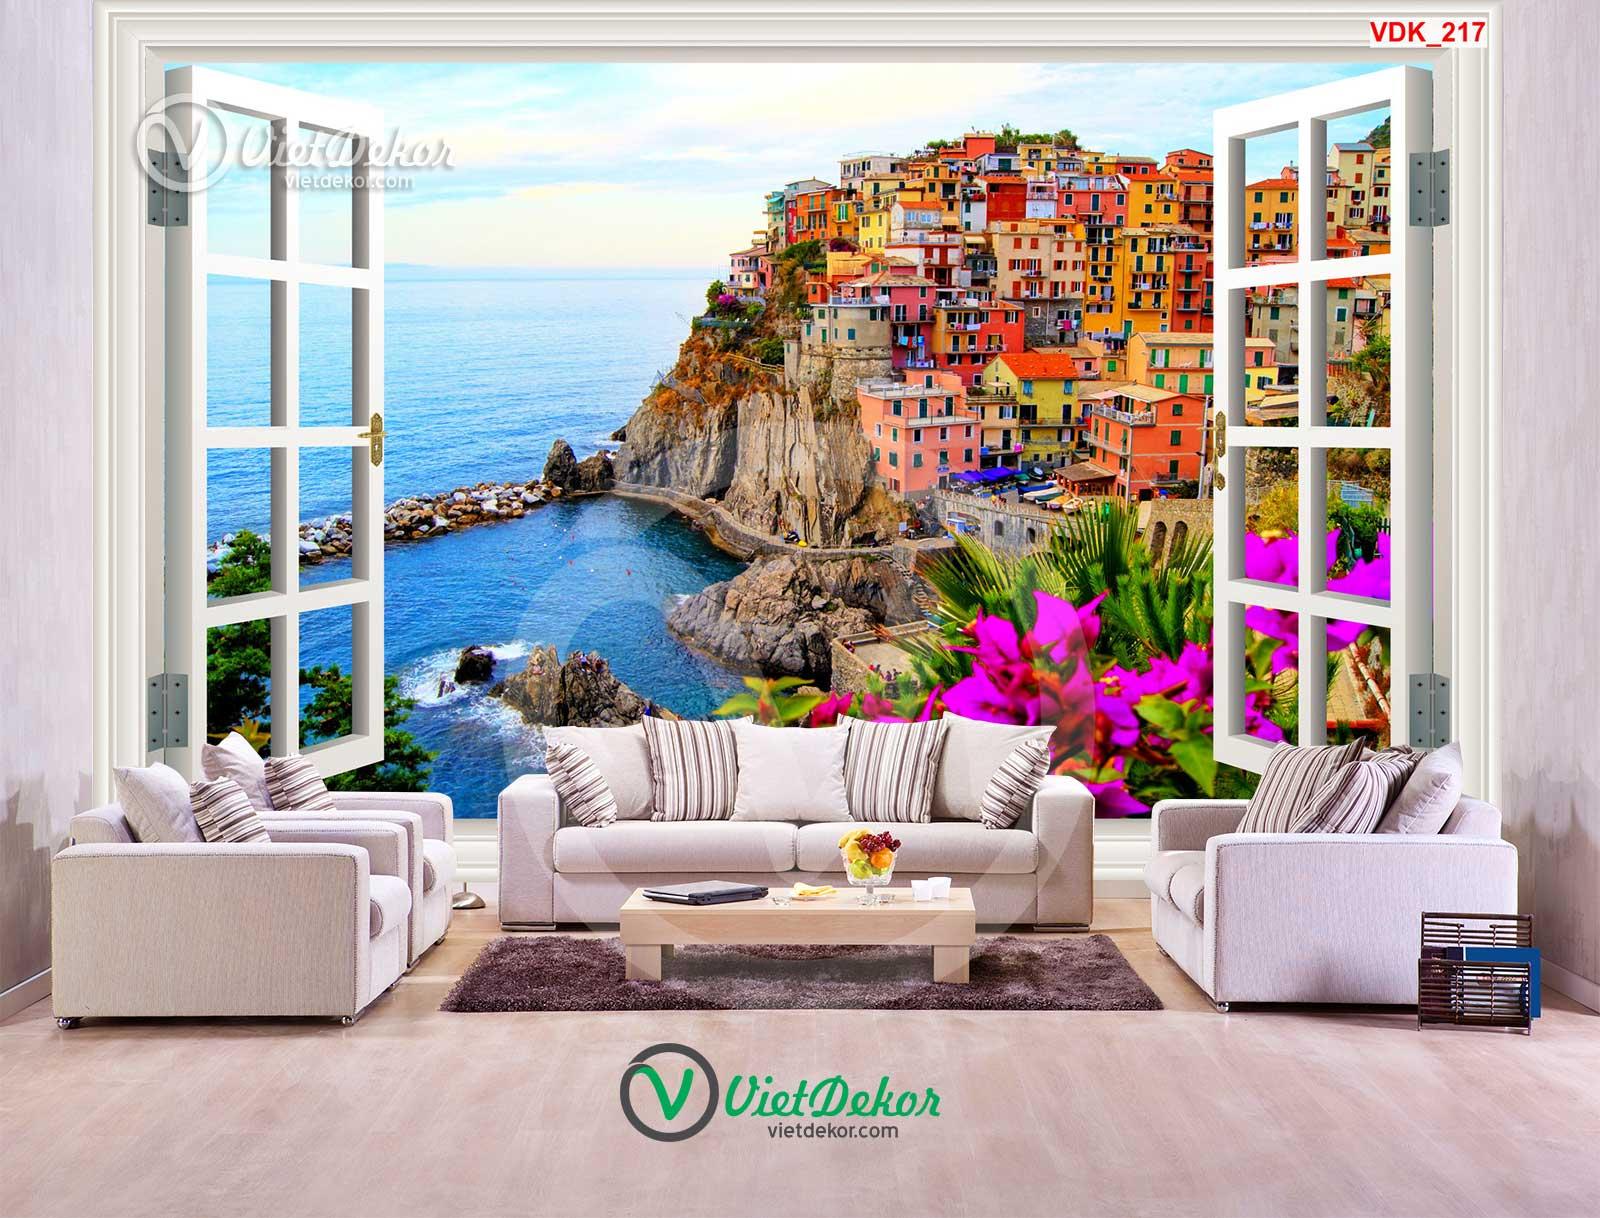 Tranh dán tường 3d cửa sổ thành phố và biển